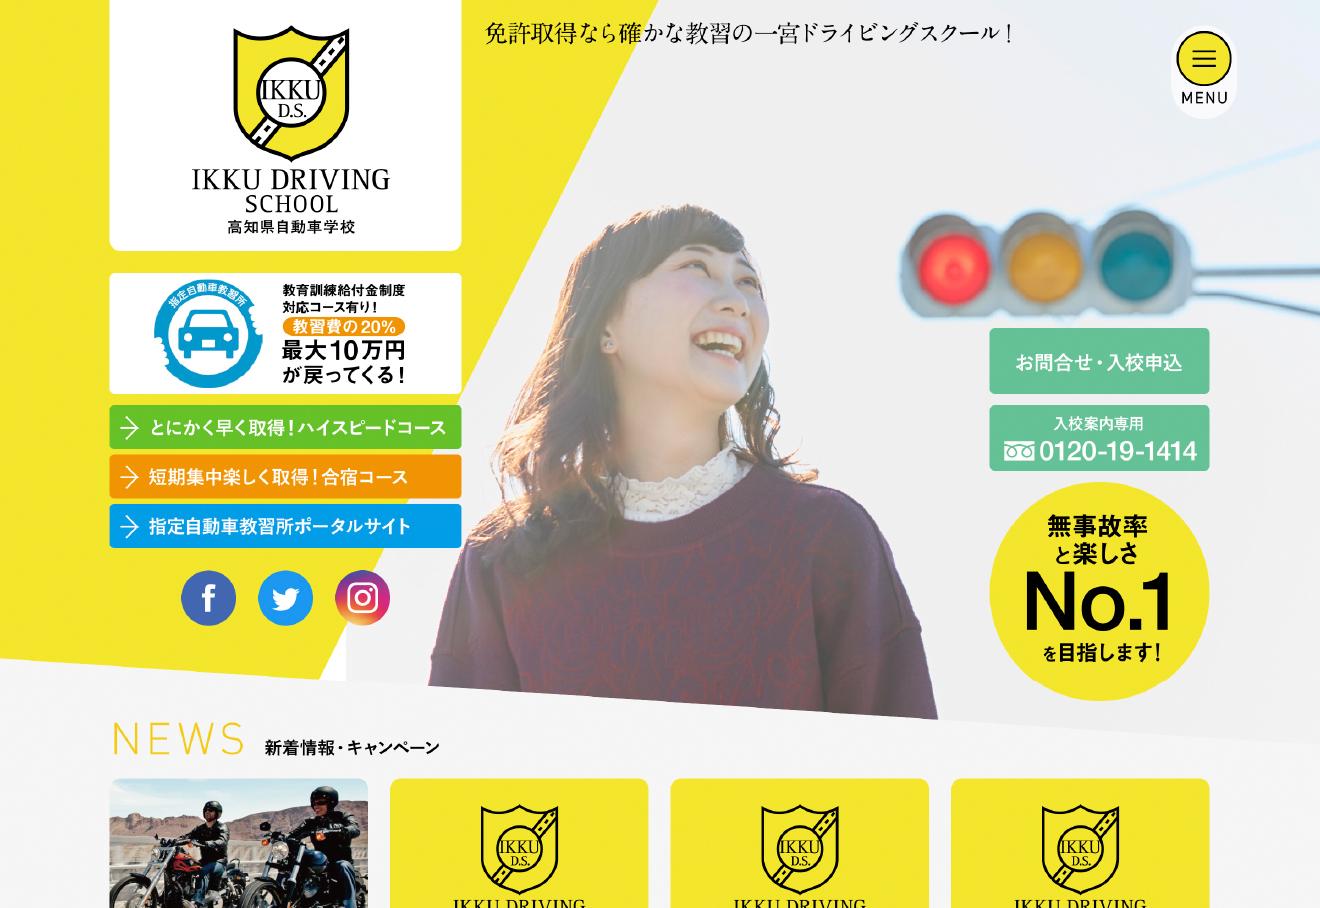 高知県自動車学校 website